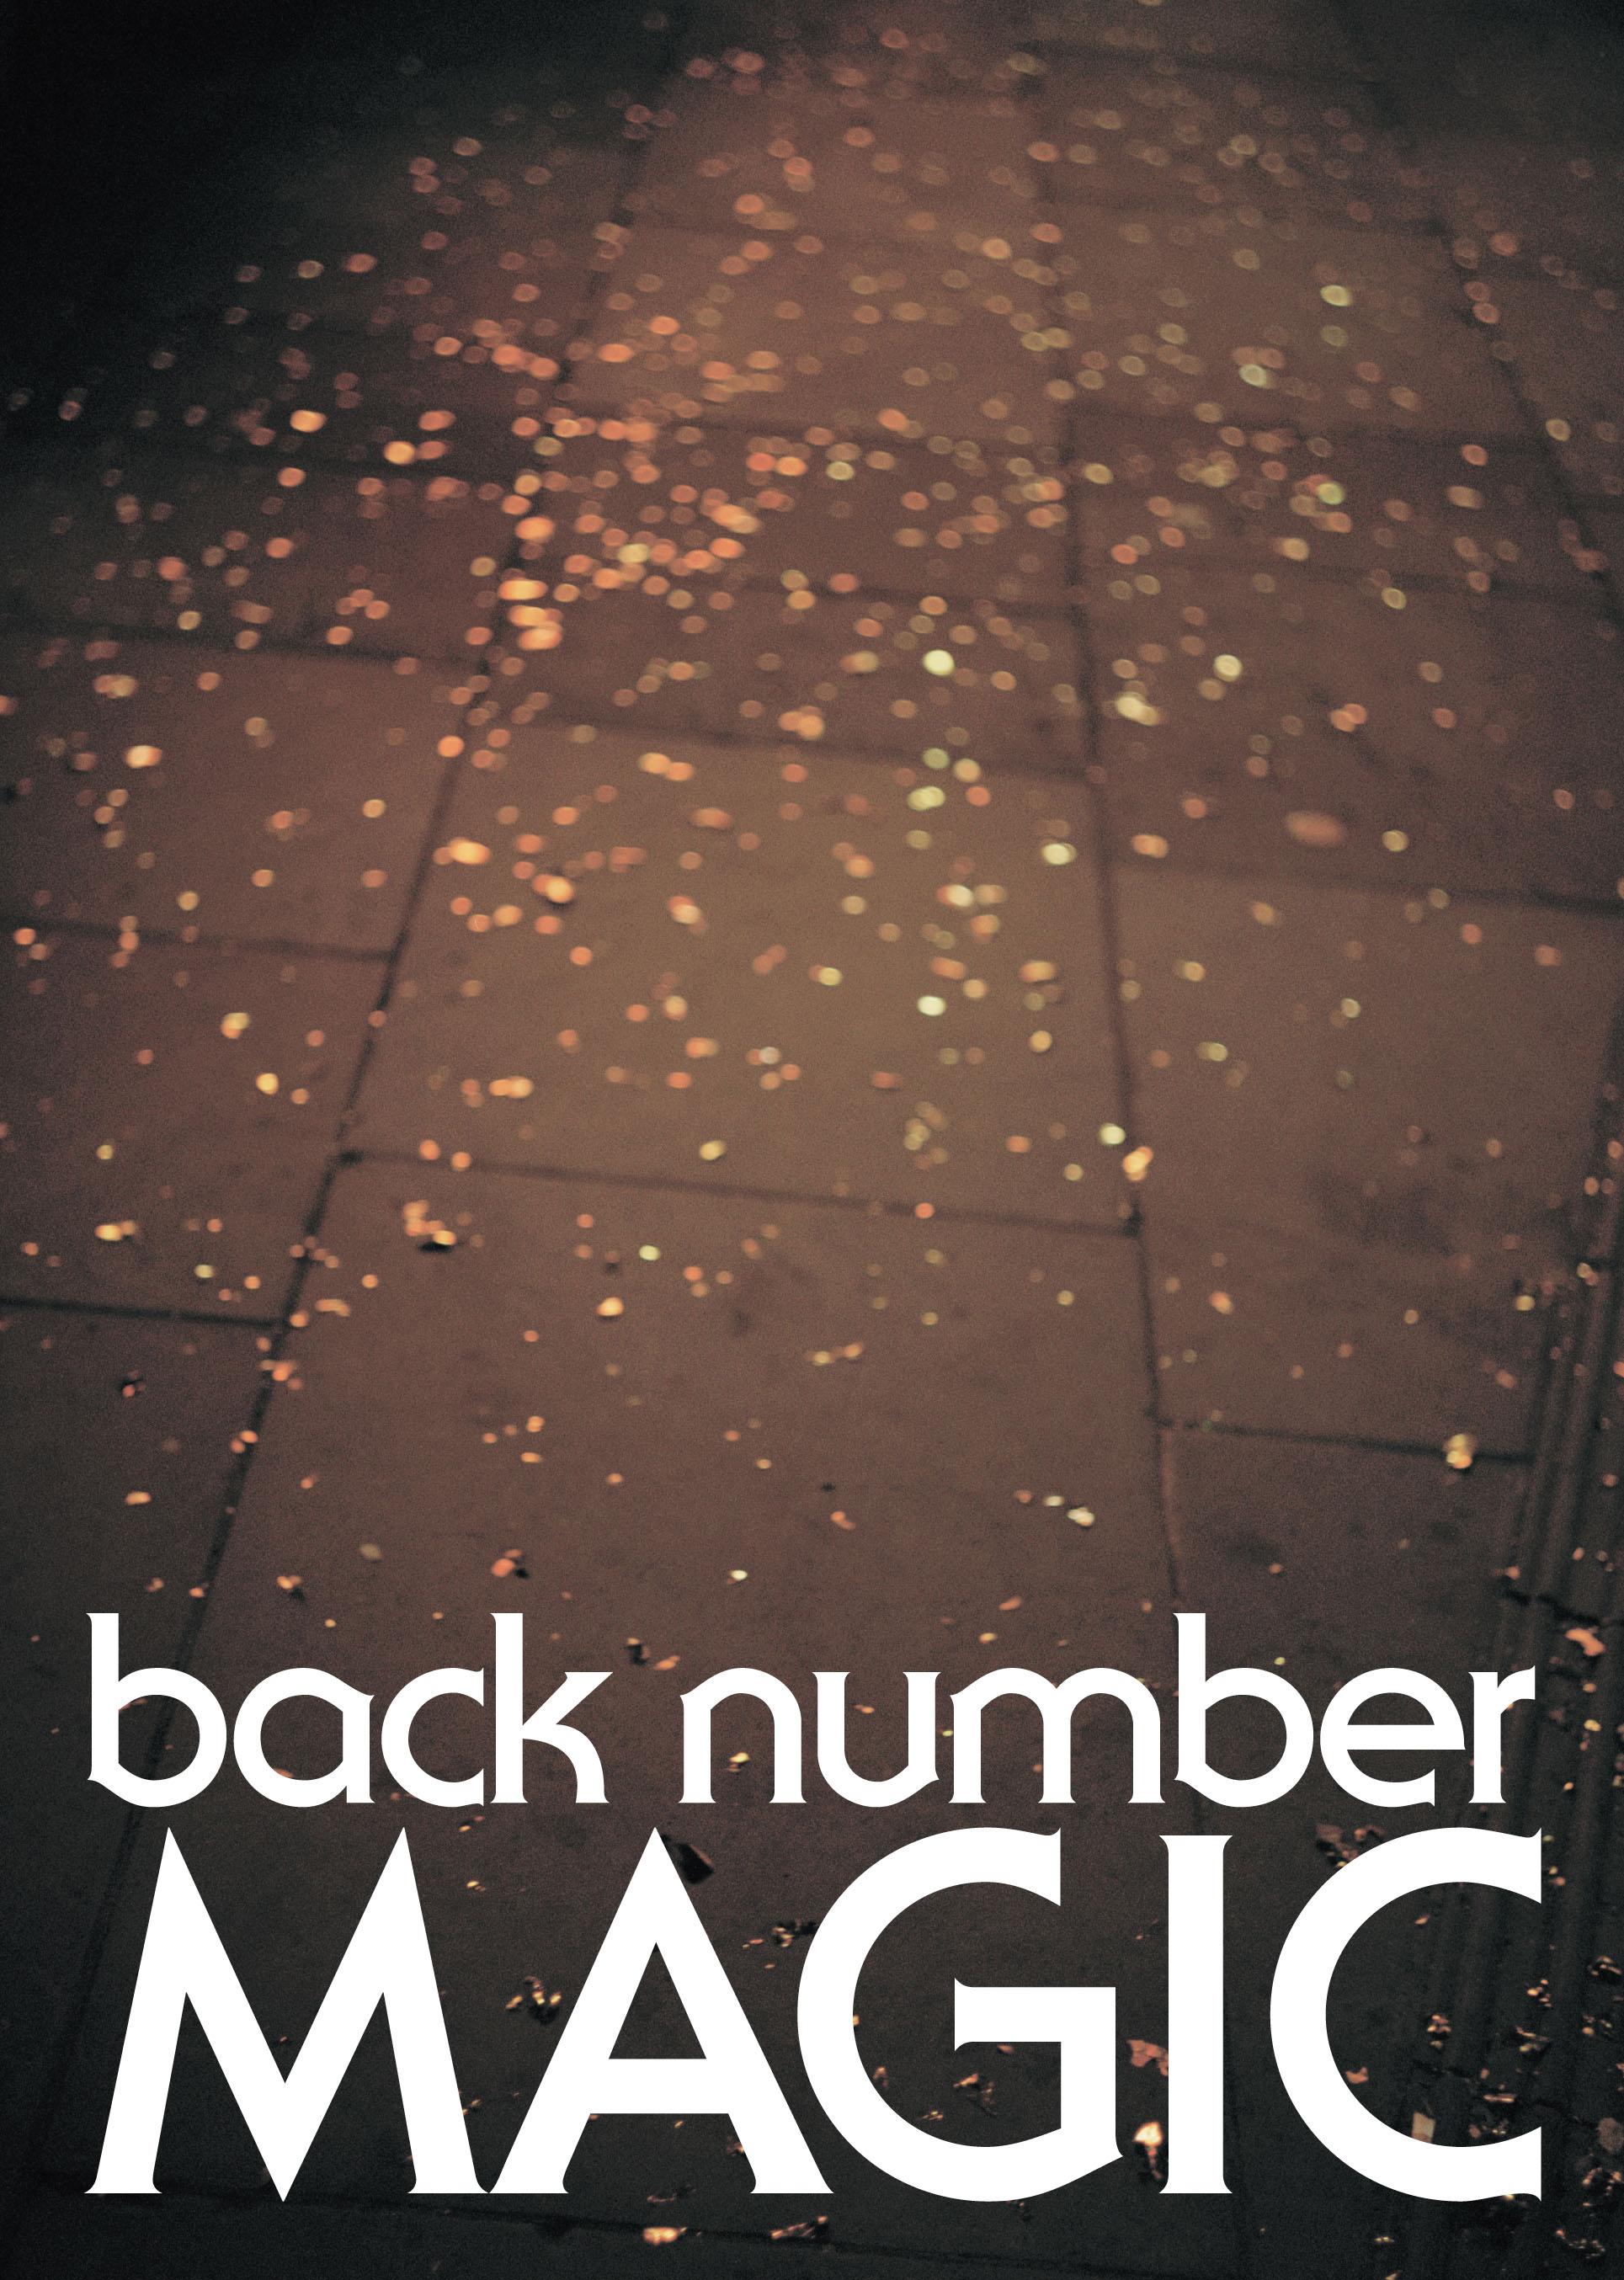 MAGIC 【初回限定盤A】<br/>【CD+Blu-ray or DVD】